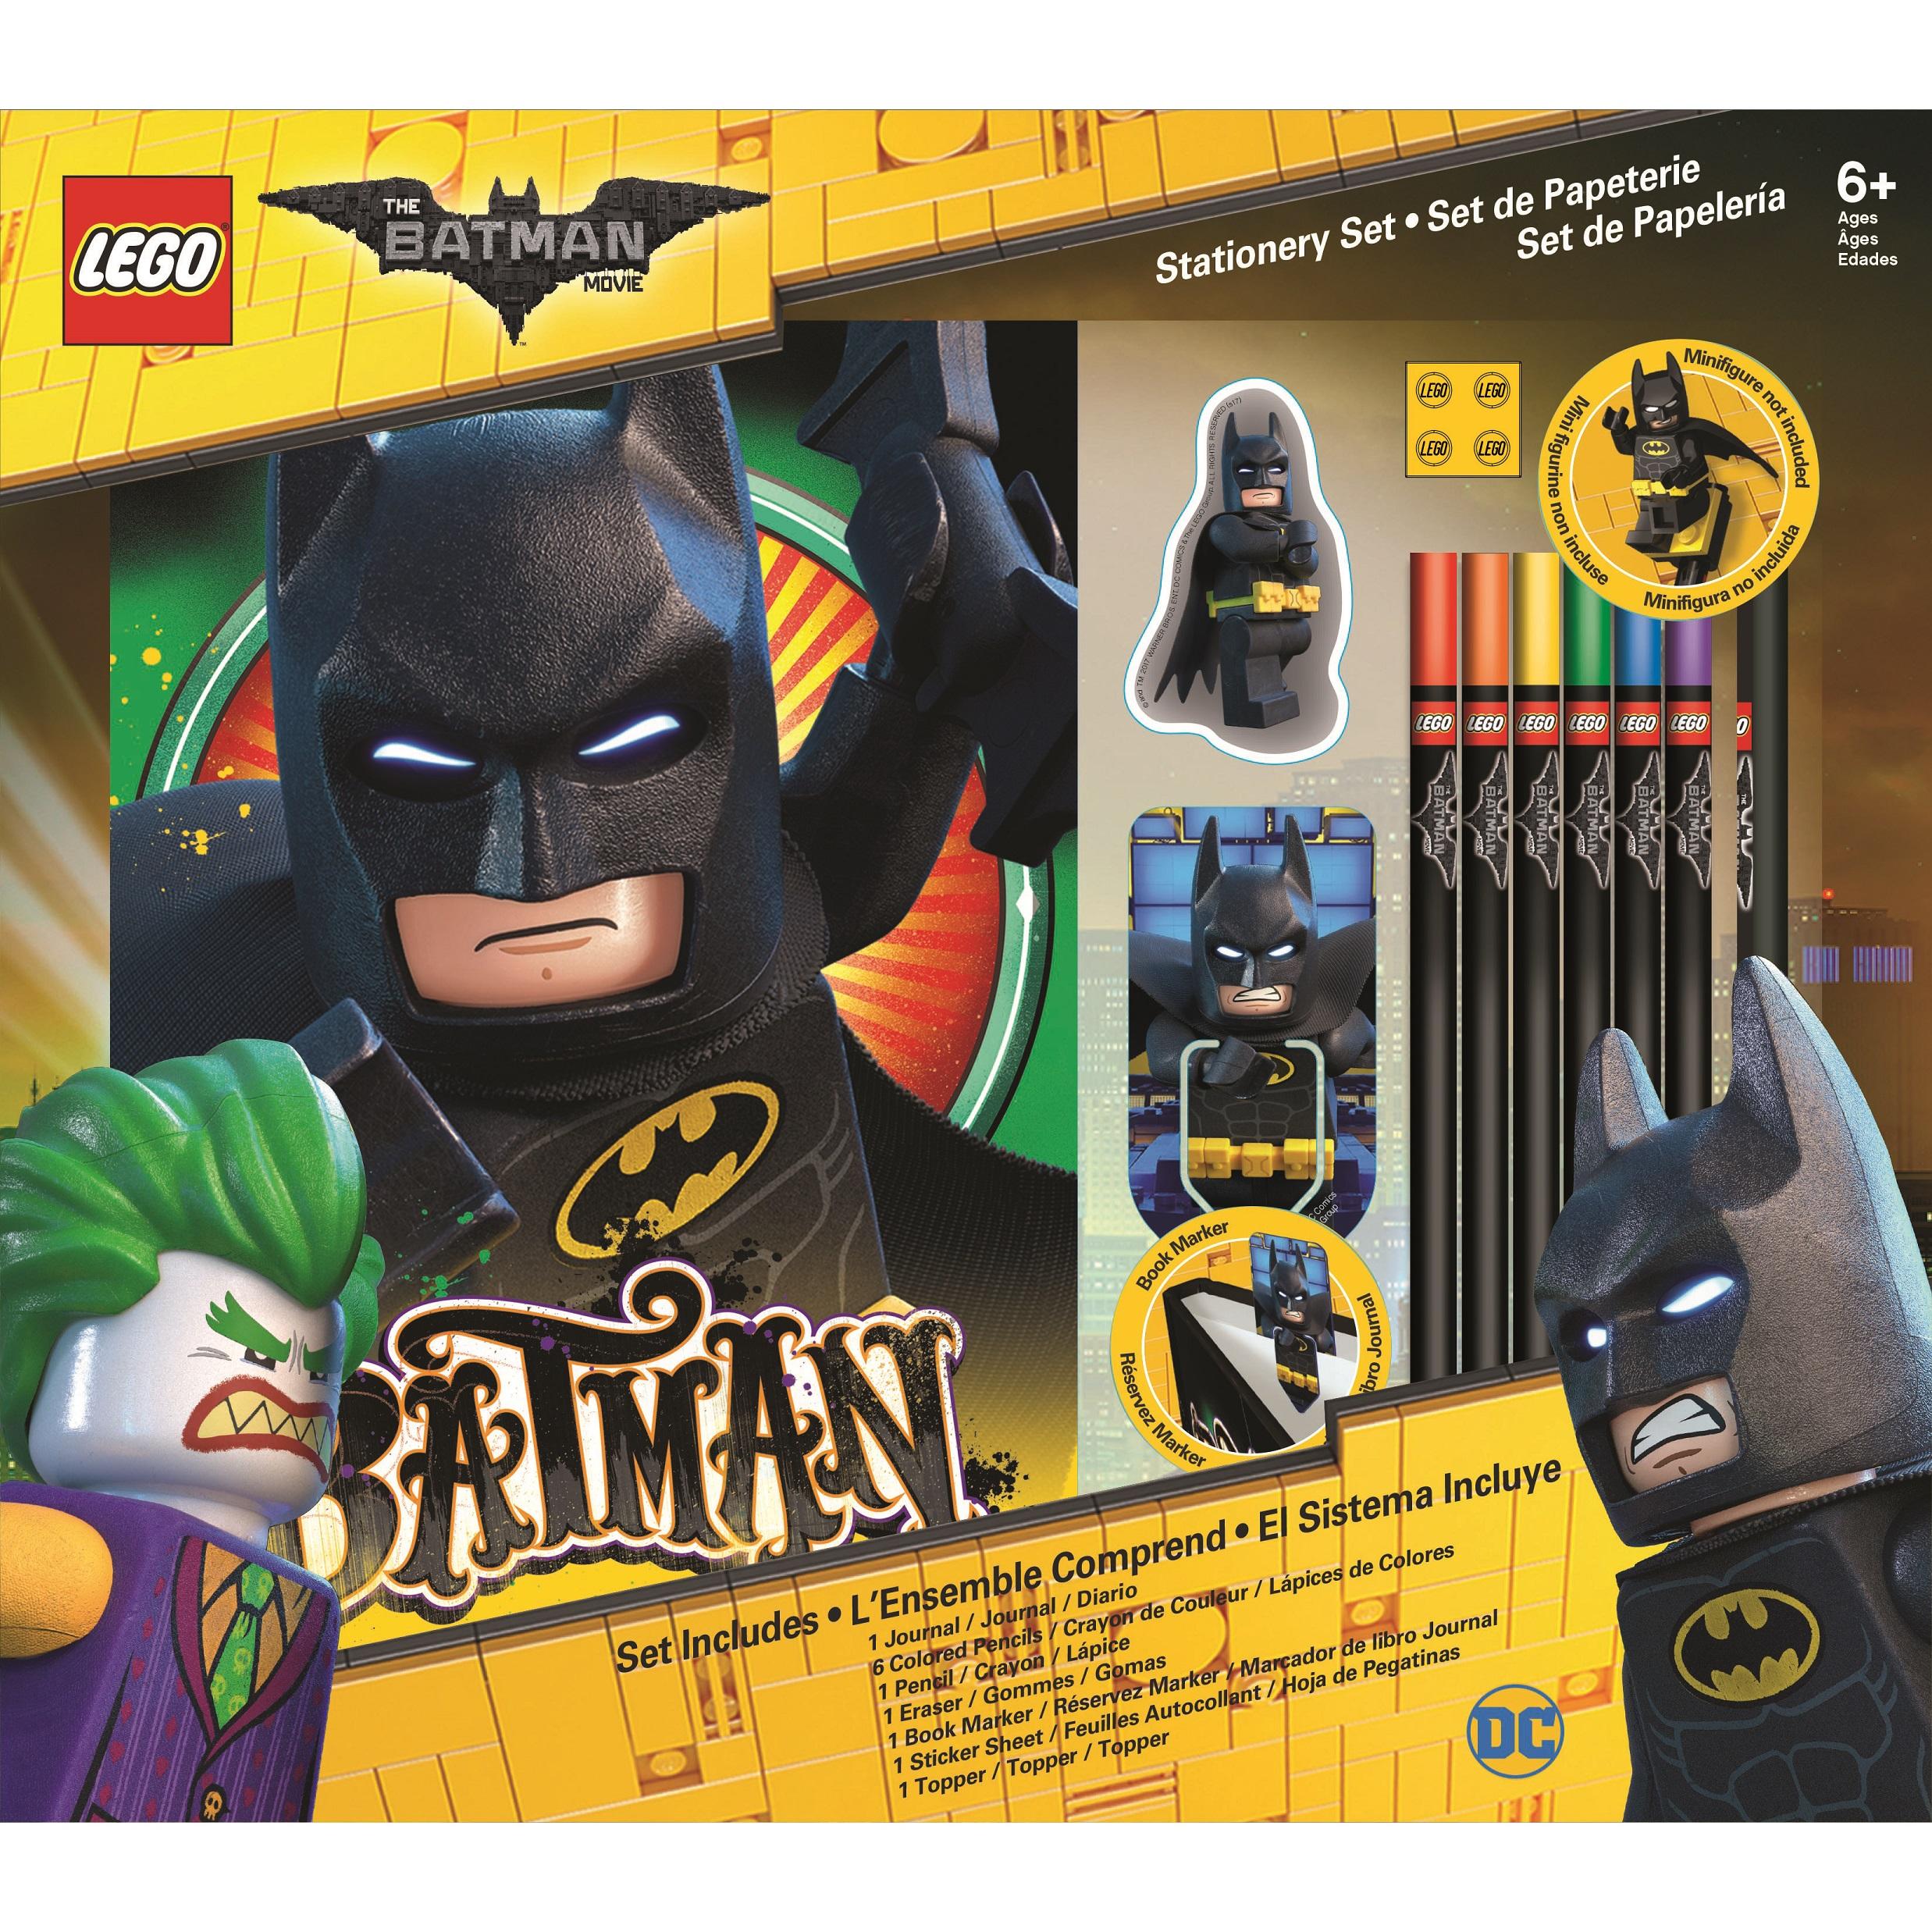 Набор канцелярских принадлежностей (12 шт. в комплекте) LEGO Batman Movie (Лего Фильм: Бэтмен) (51749)